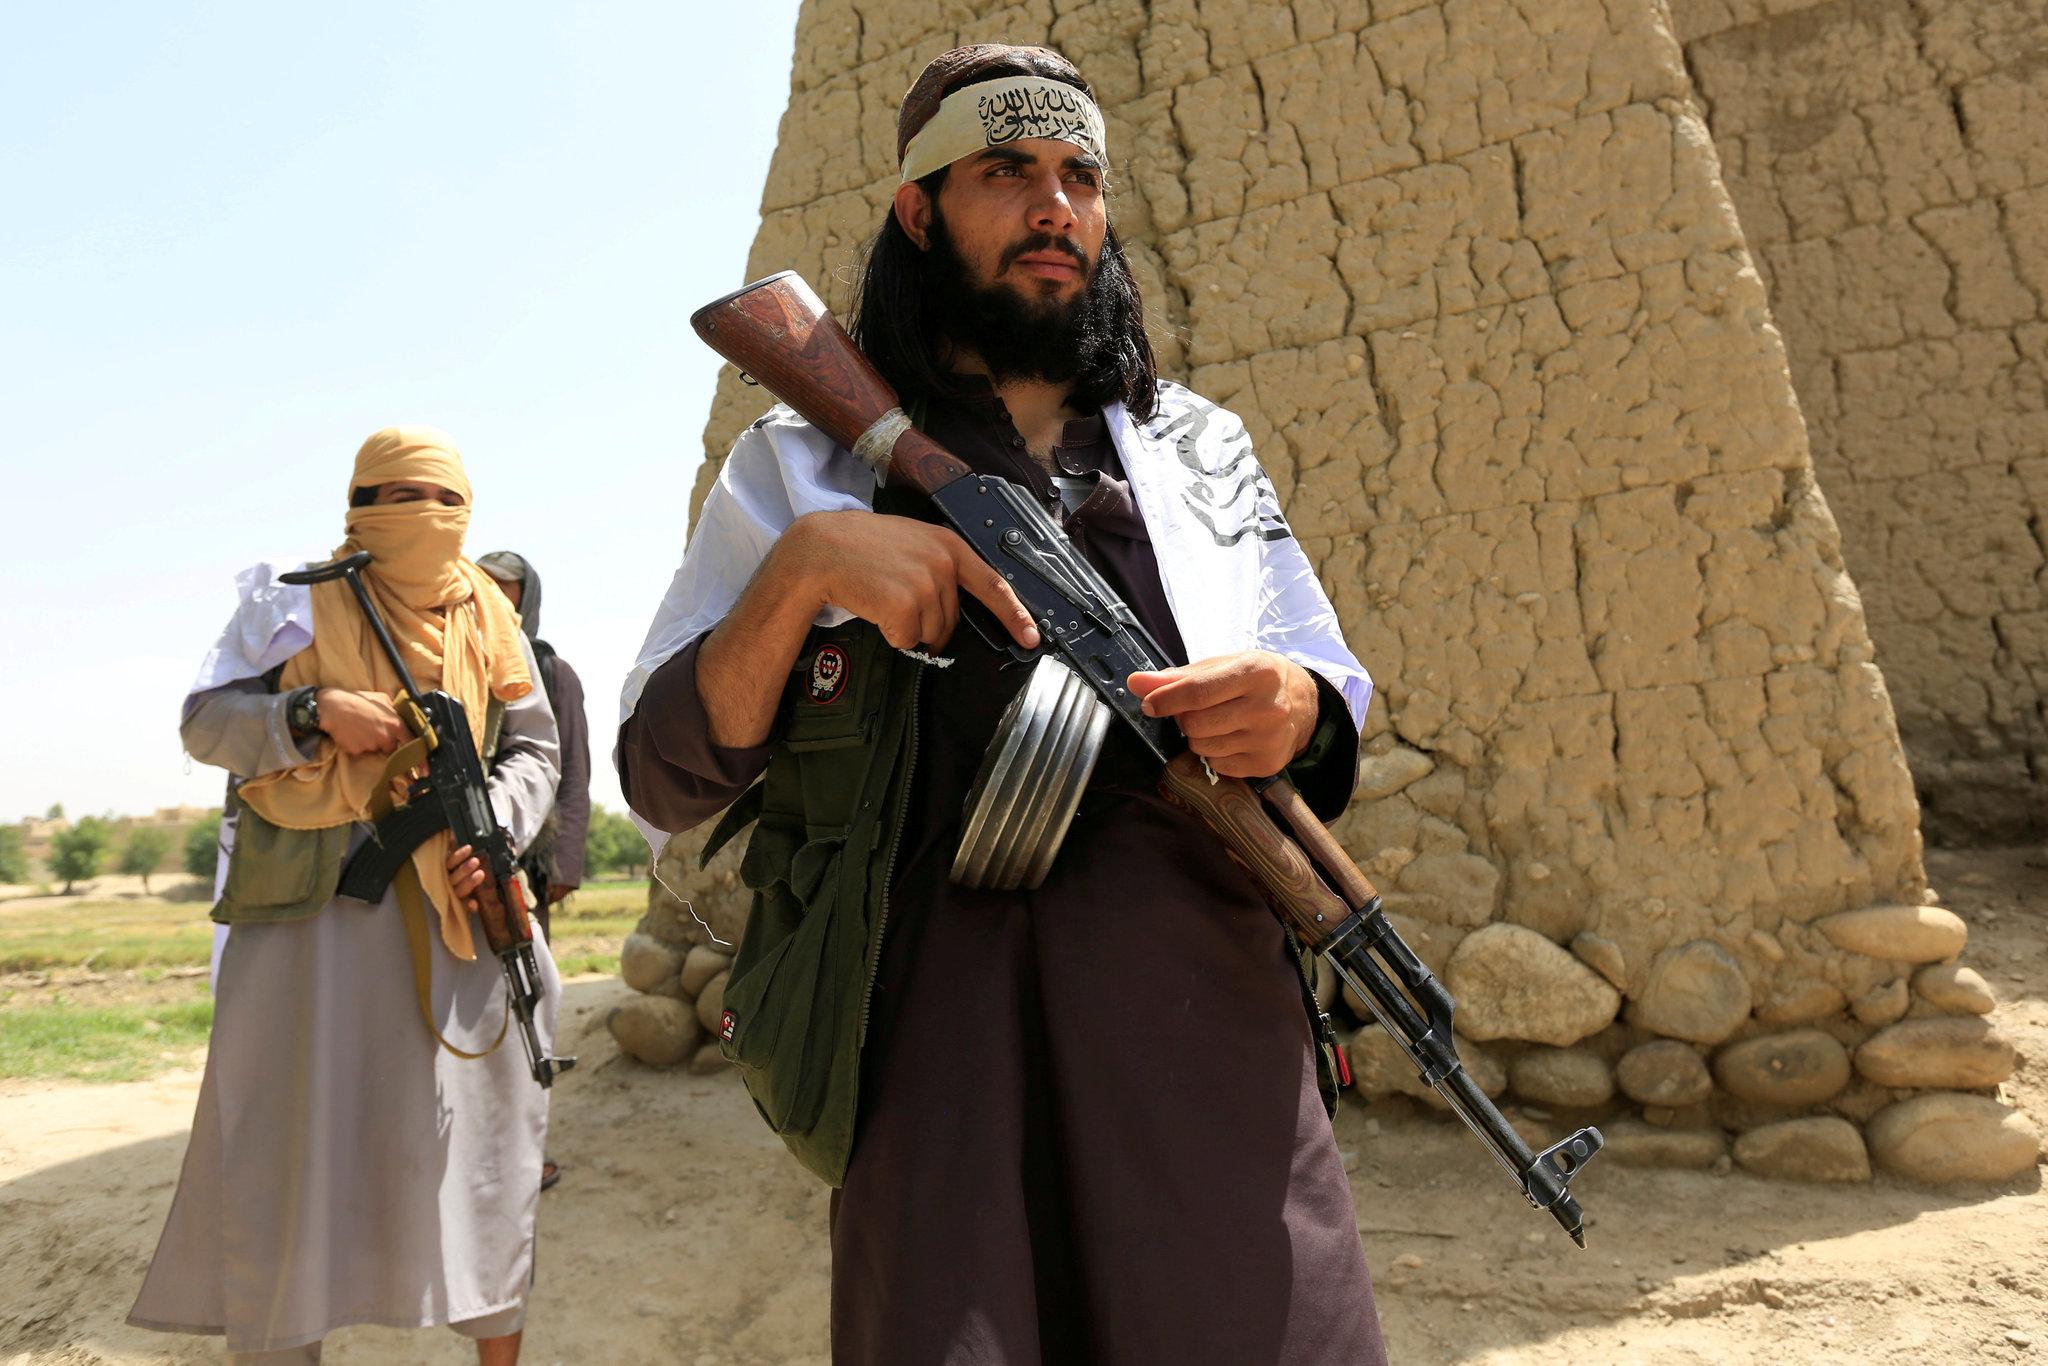 Талибы заявили о взятии контроля над провинцией Панджшер в Афганистане